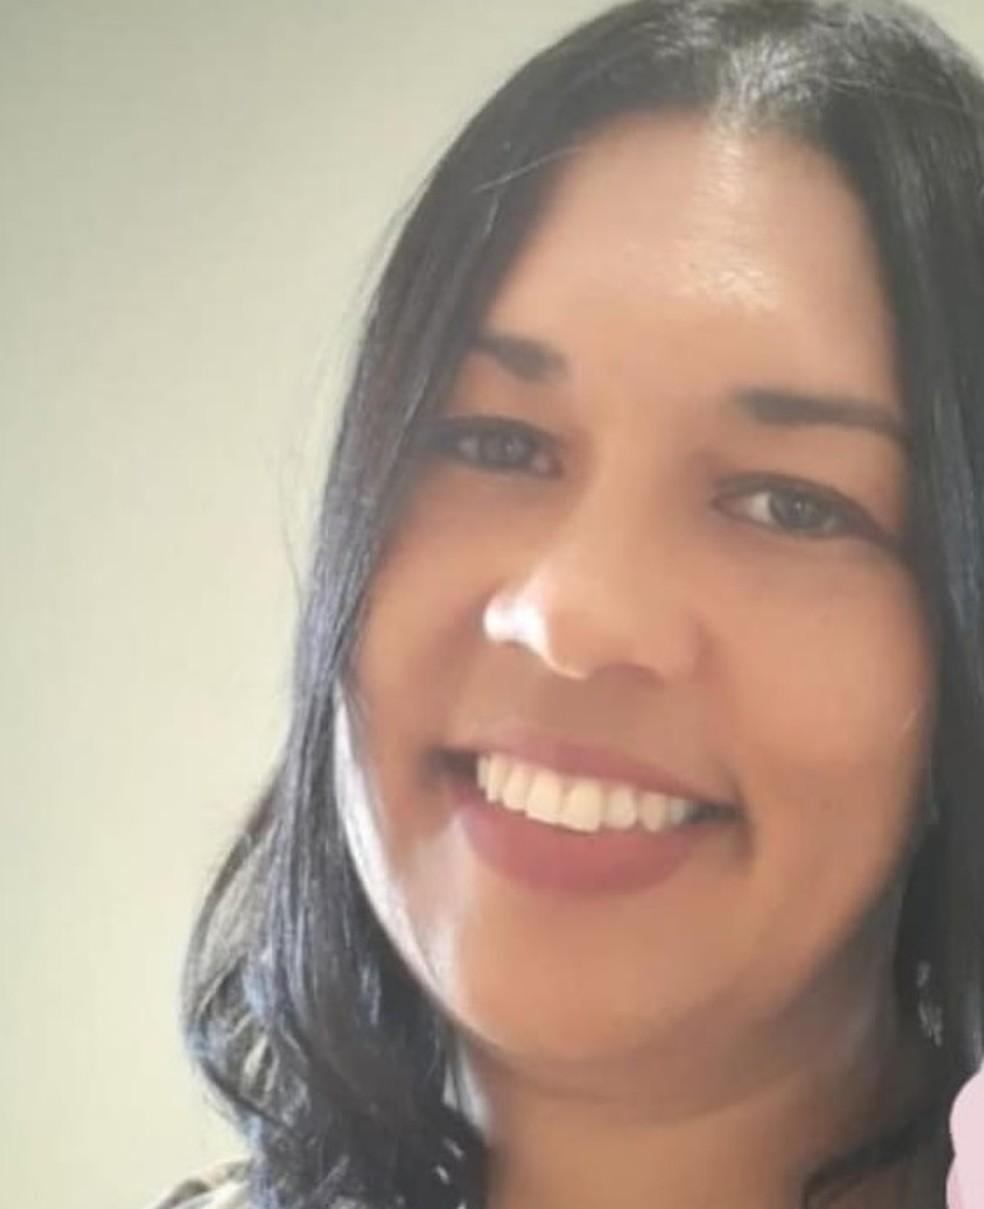 A enfermeira Karla Valle morreu de Covid-19 em Belo Horizonte  — Foto: Reprodução/Redes sociais